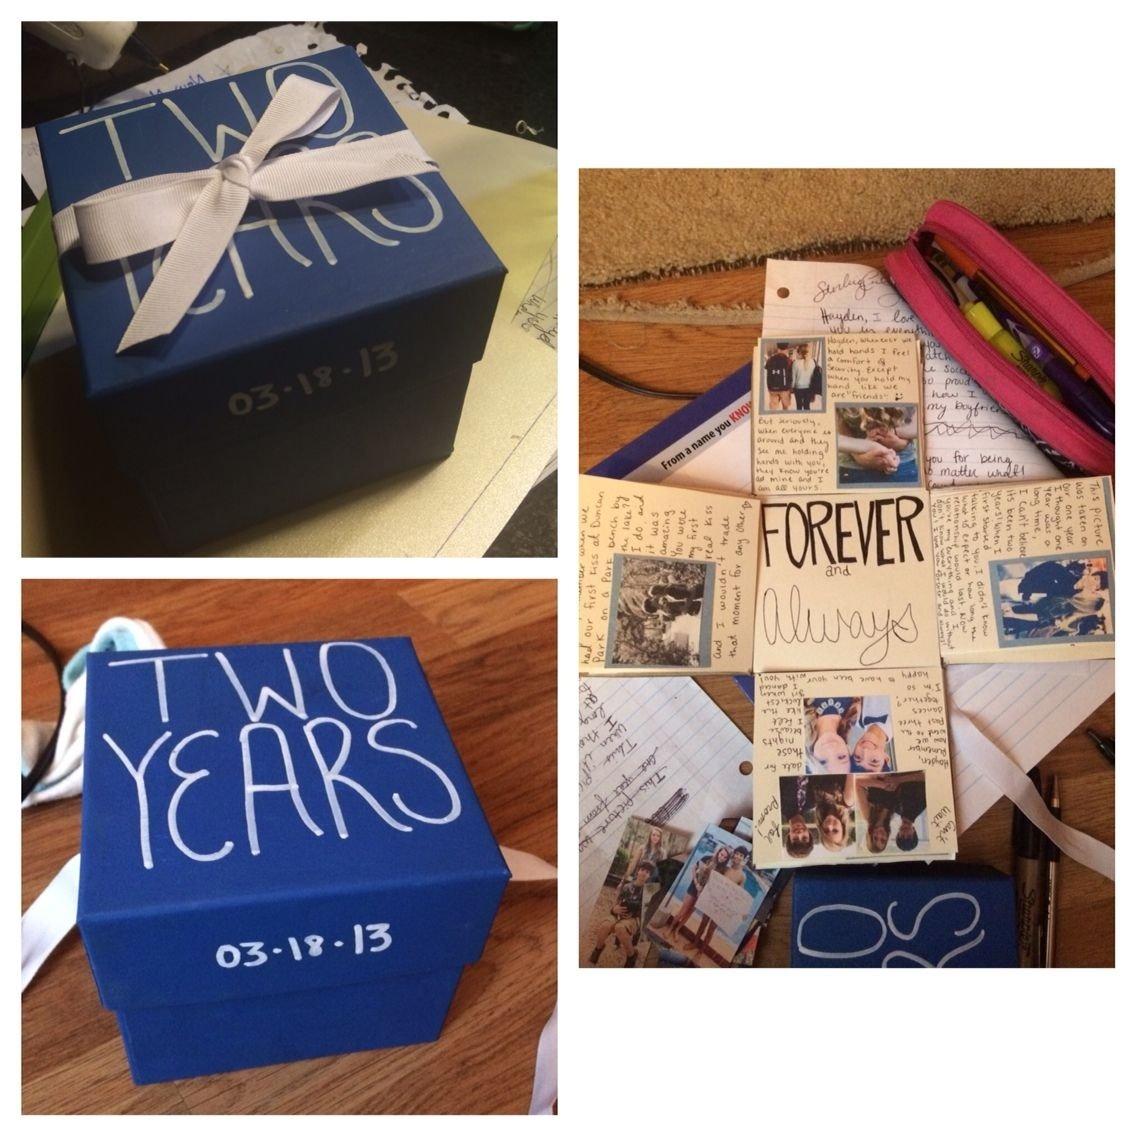 10 Stylish 2 Year Anniversary Ideas For Boyfriend anniversary box for my boyfriend and is 2 year i made different 1